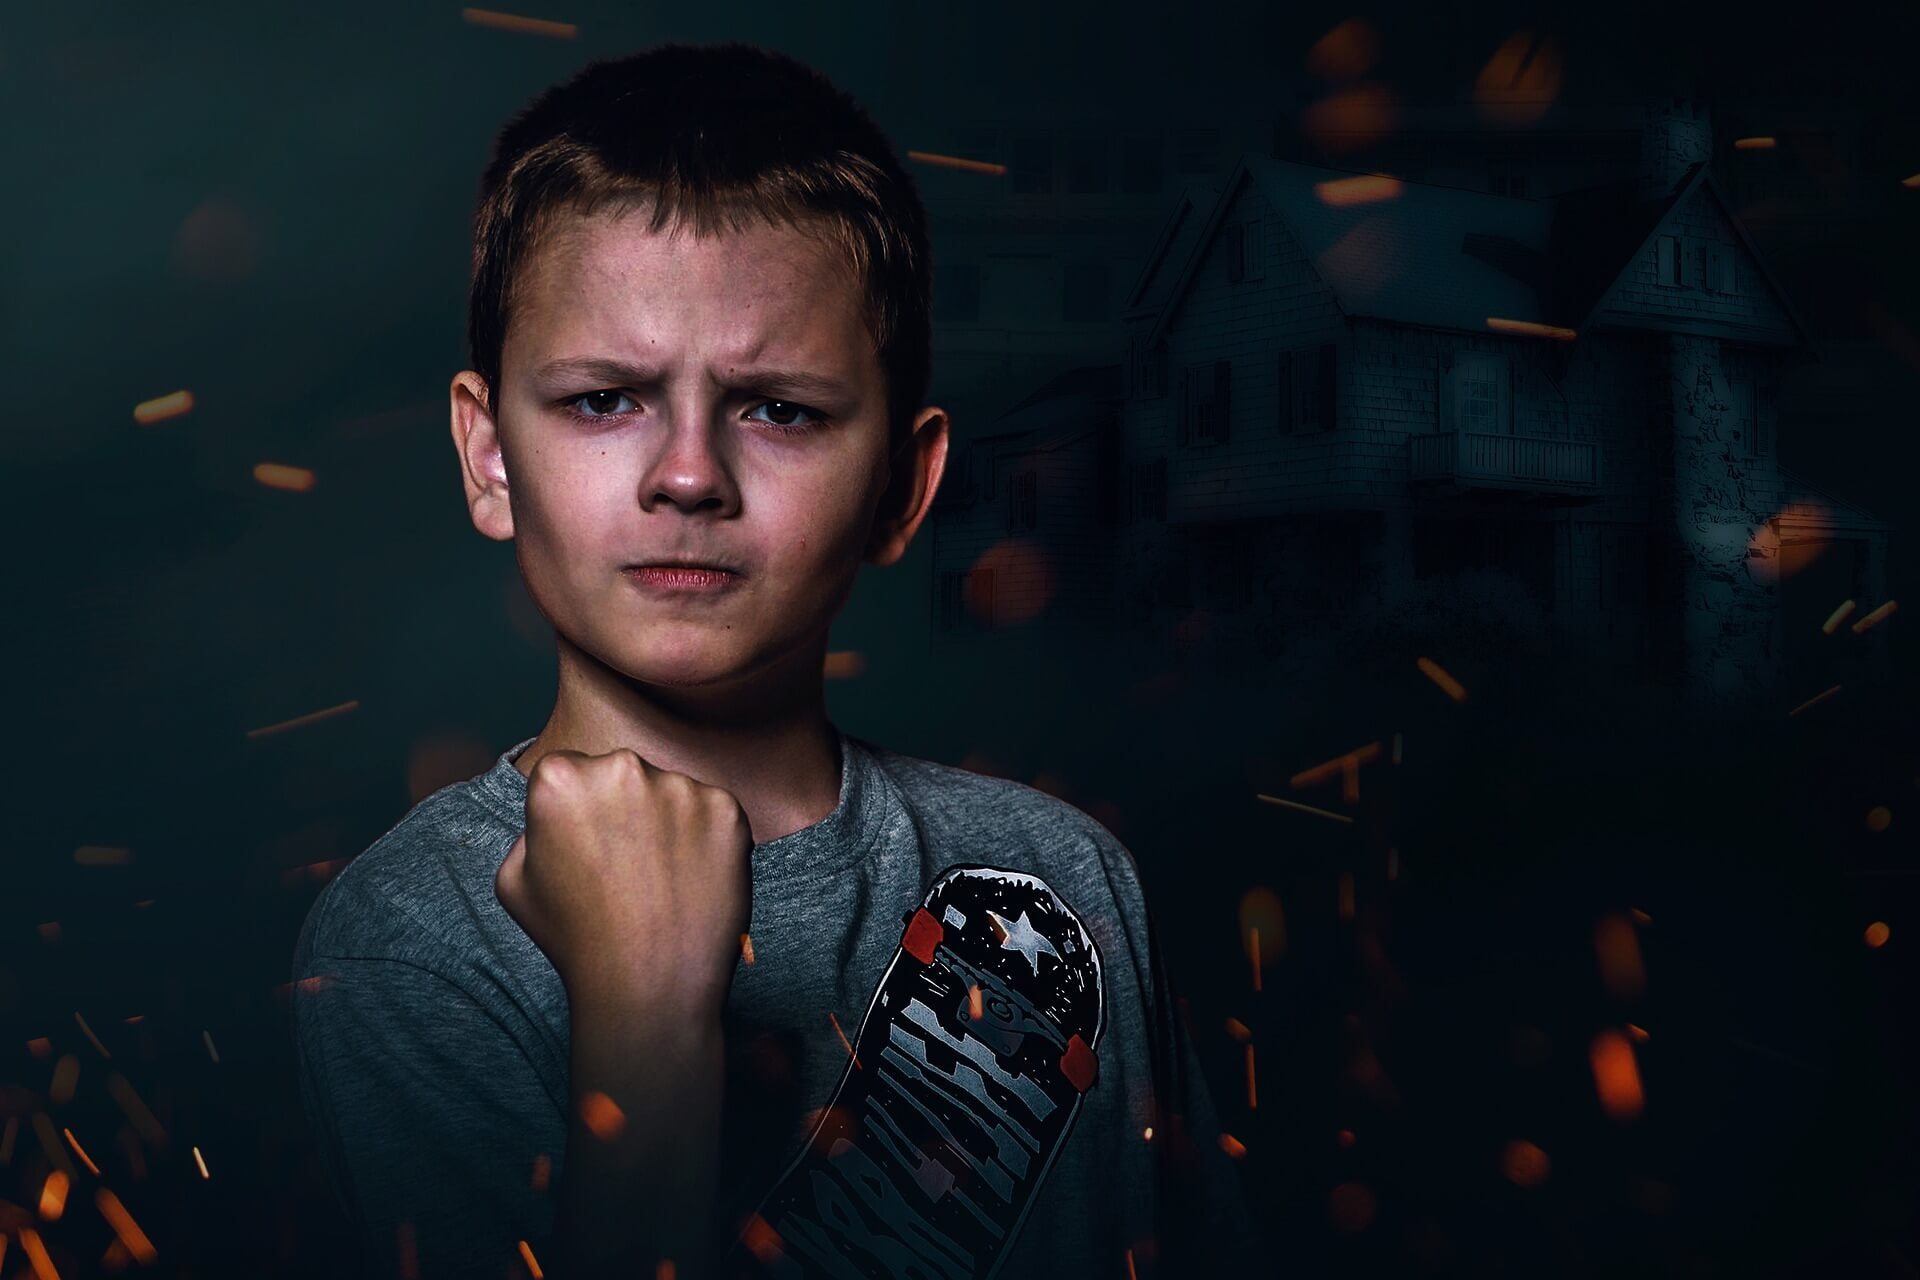 Joven molesto: escalera de las emociones